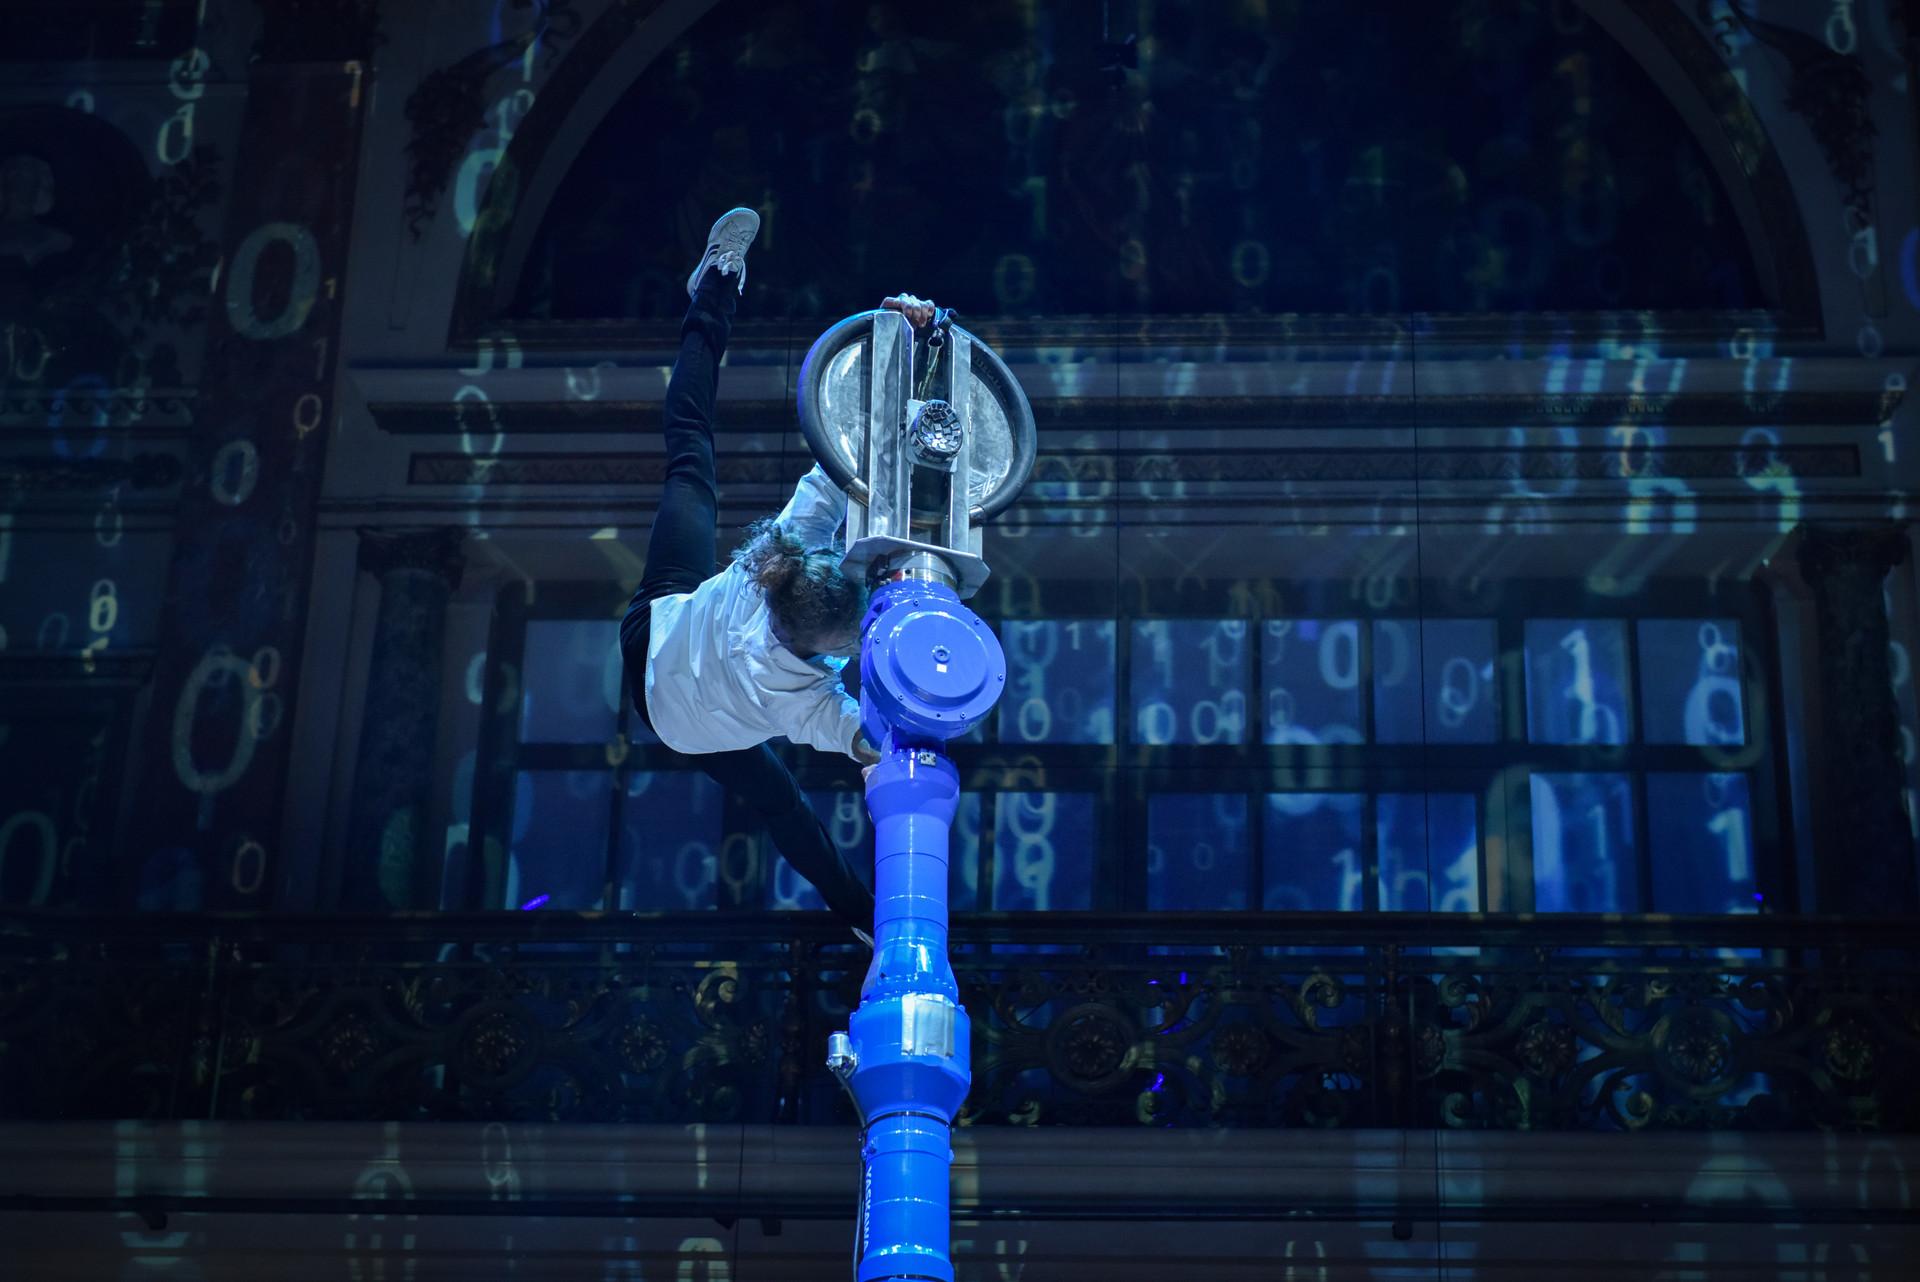 UliK Robotic AcRobotic